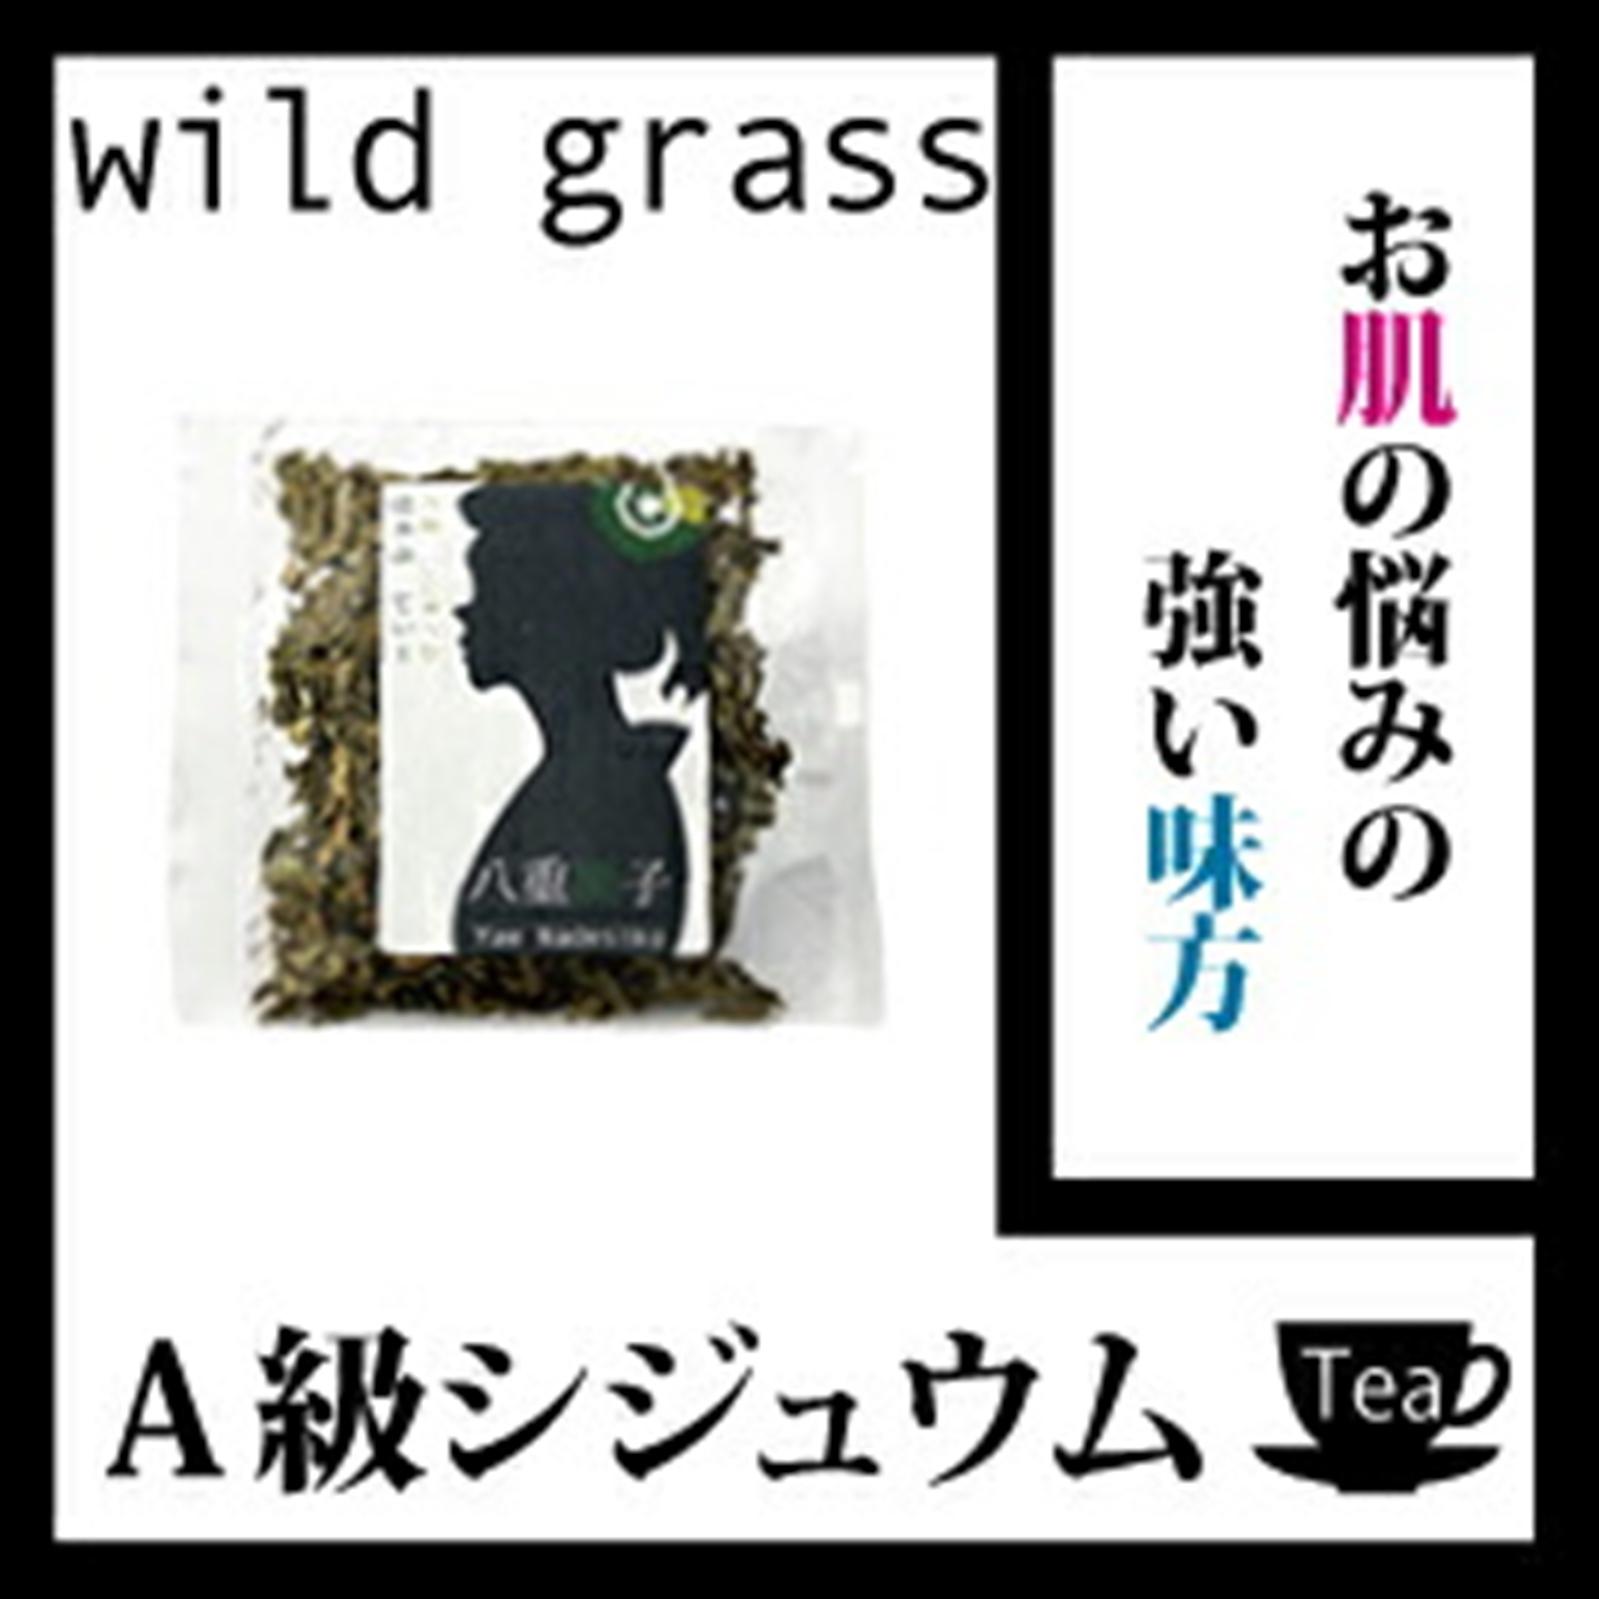 【送料無料】卸値価格!A級シジュウム茶(グァバ茶)45g お肌の悩みの強い味方!【健康】A級シジュウム茶(グァバ茶)